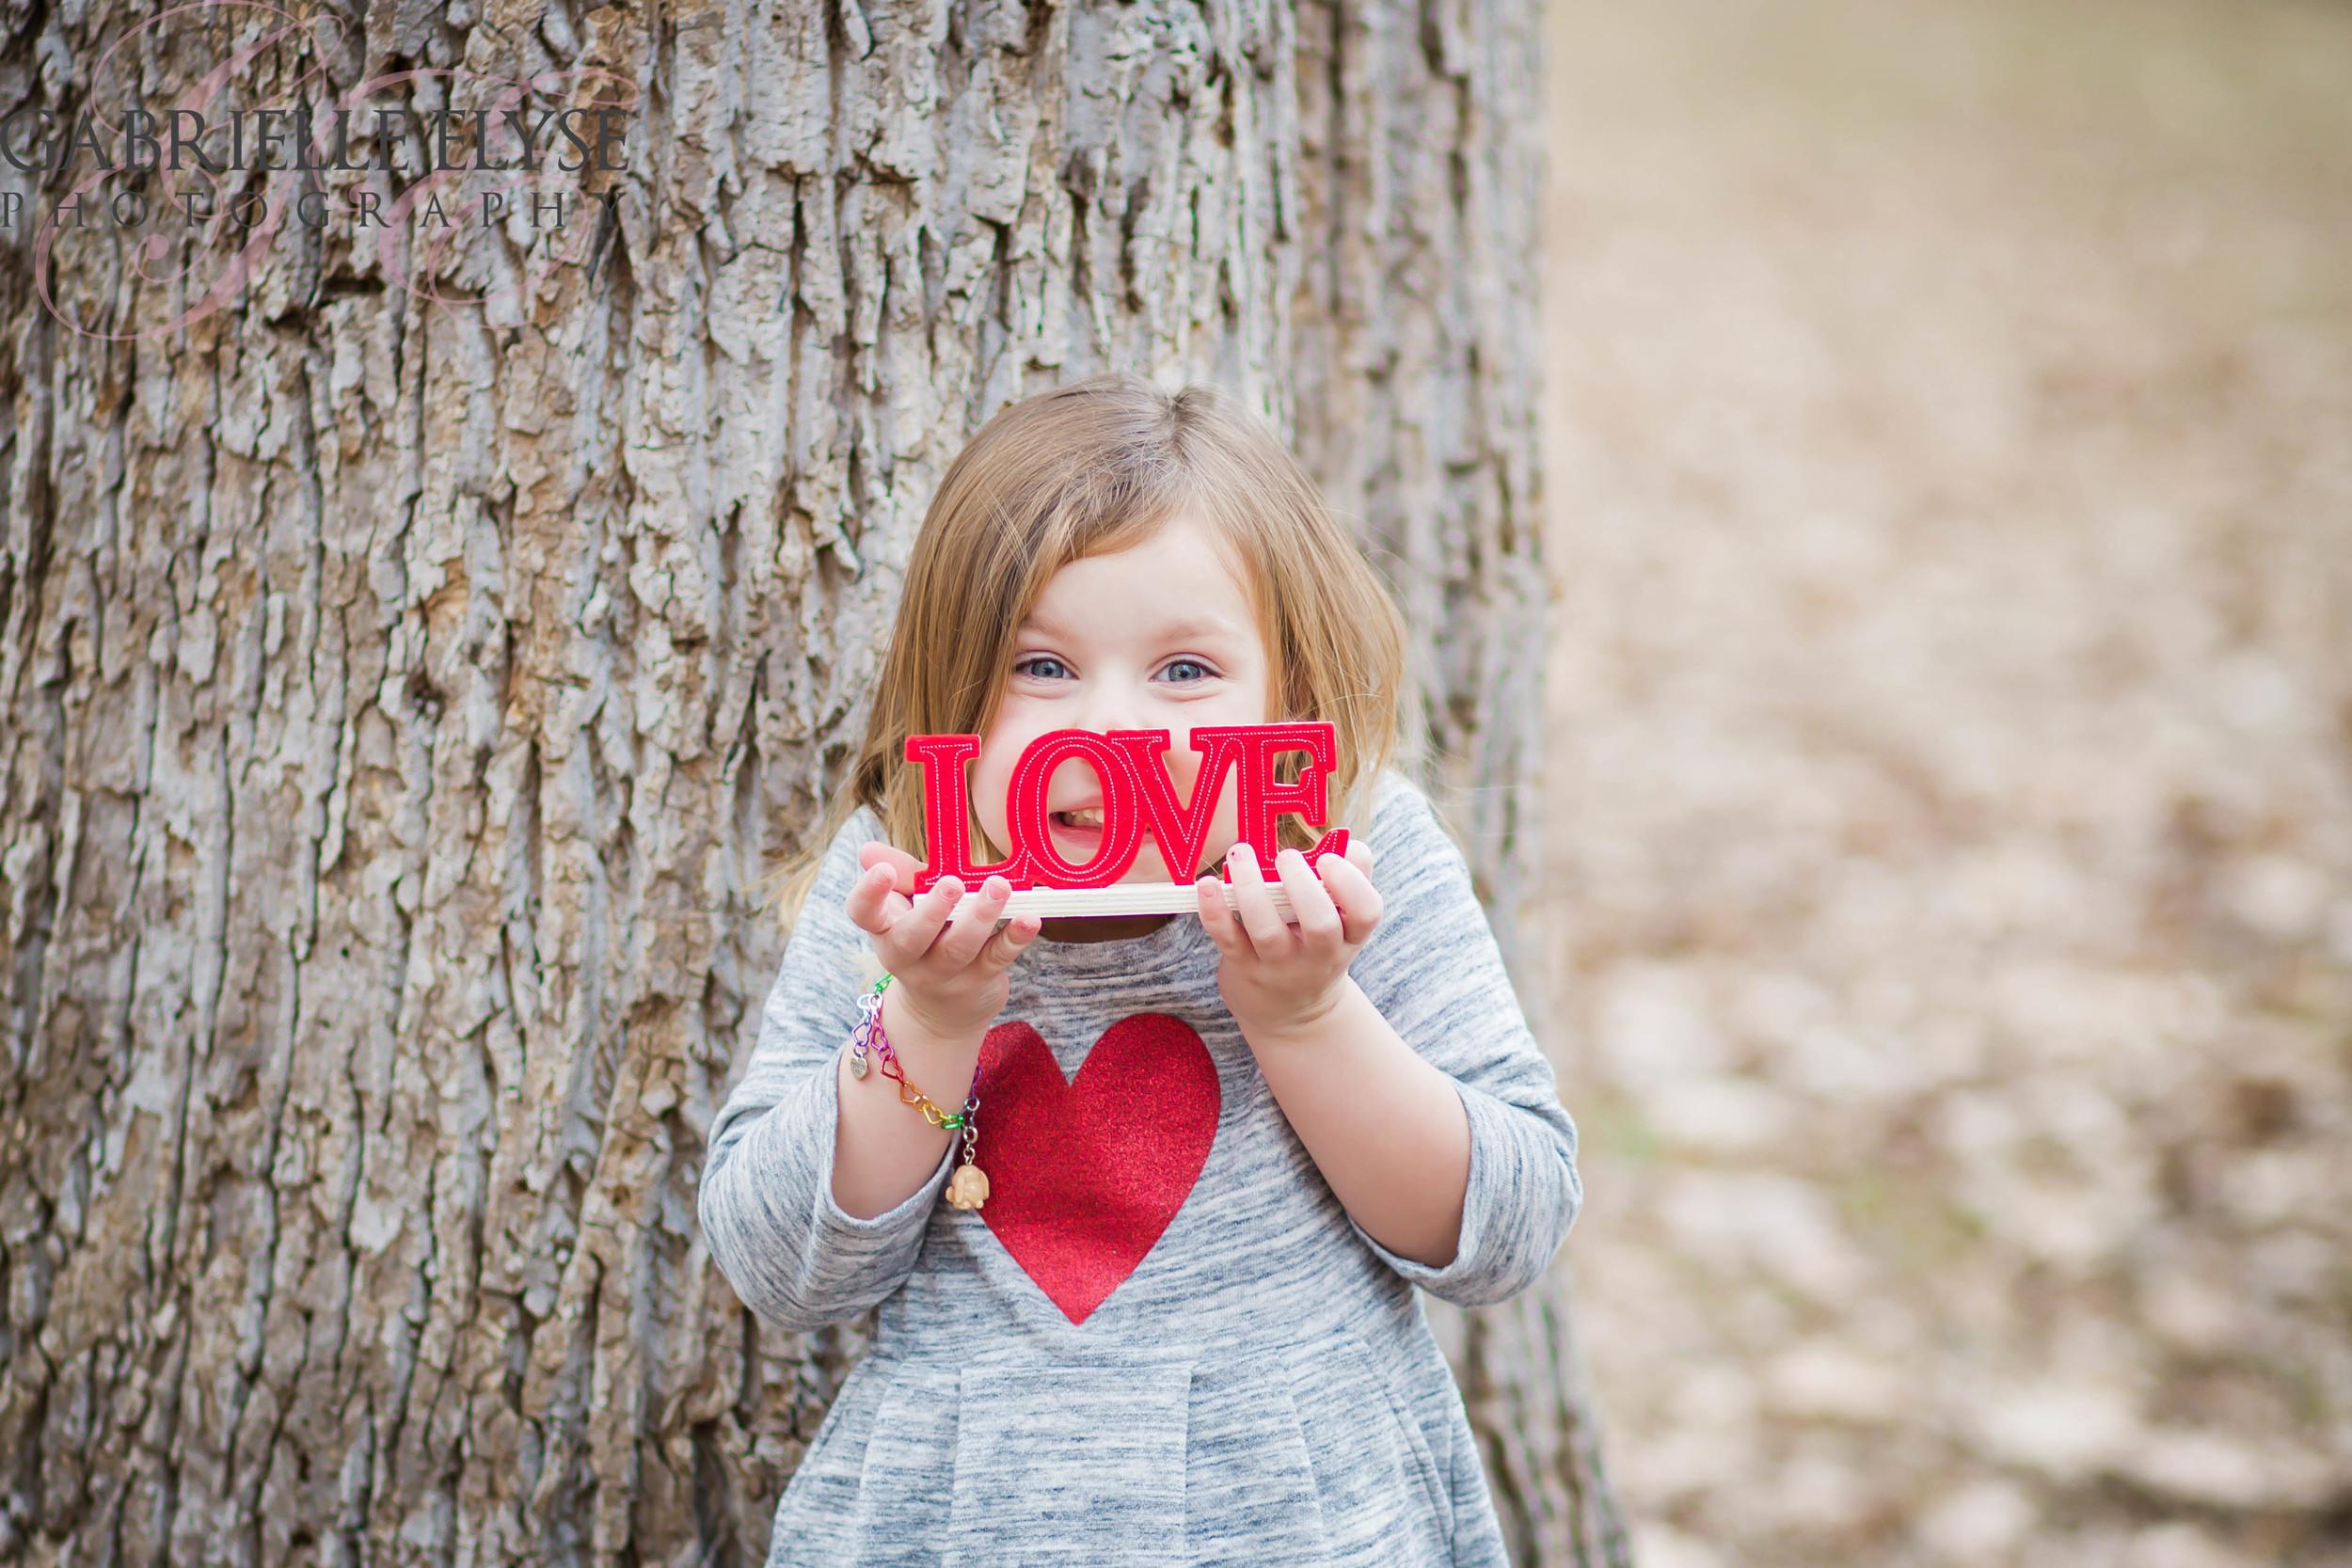 LOVE Cary NC